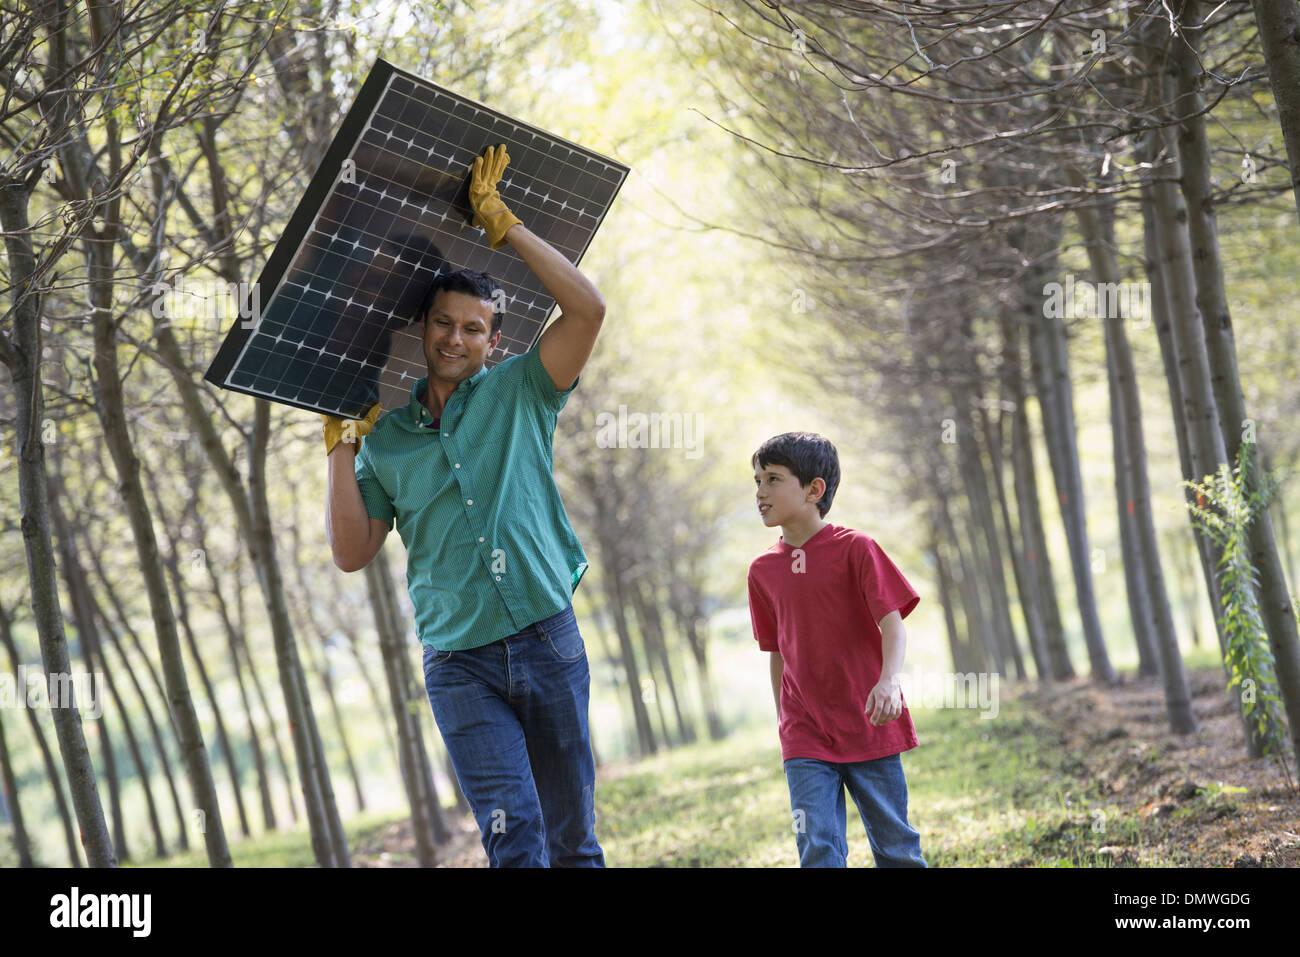 Un hombre que lleva un panel solar en una avenida de árboles acompañados por un niño. Imagen De Stock